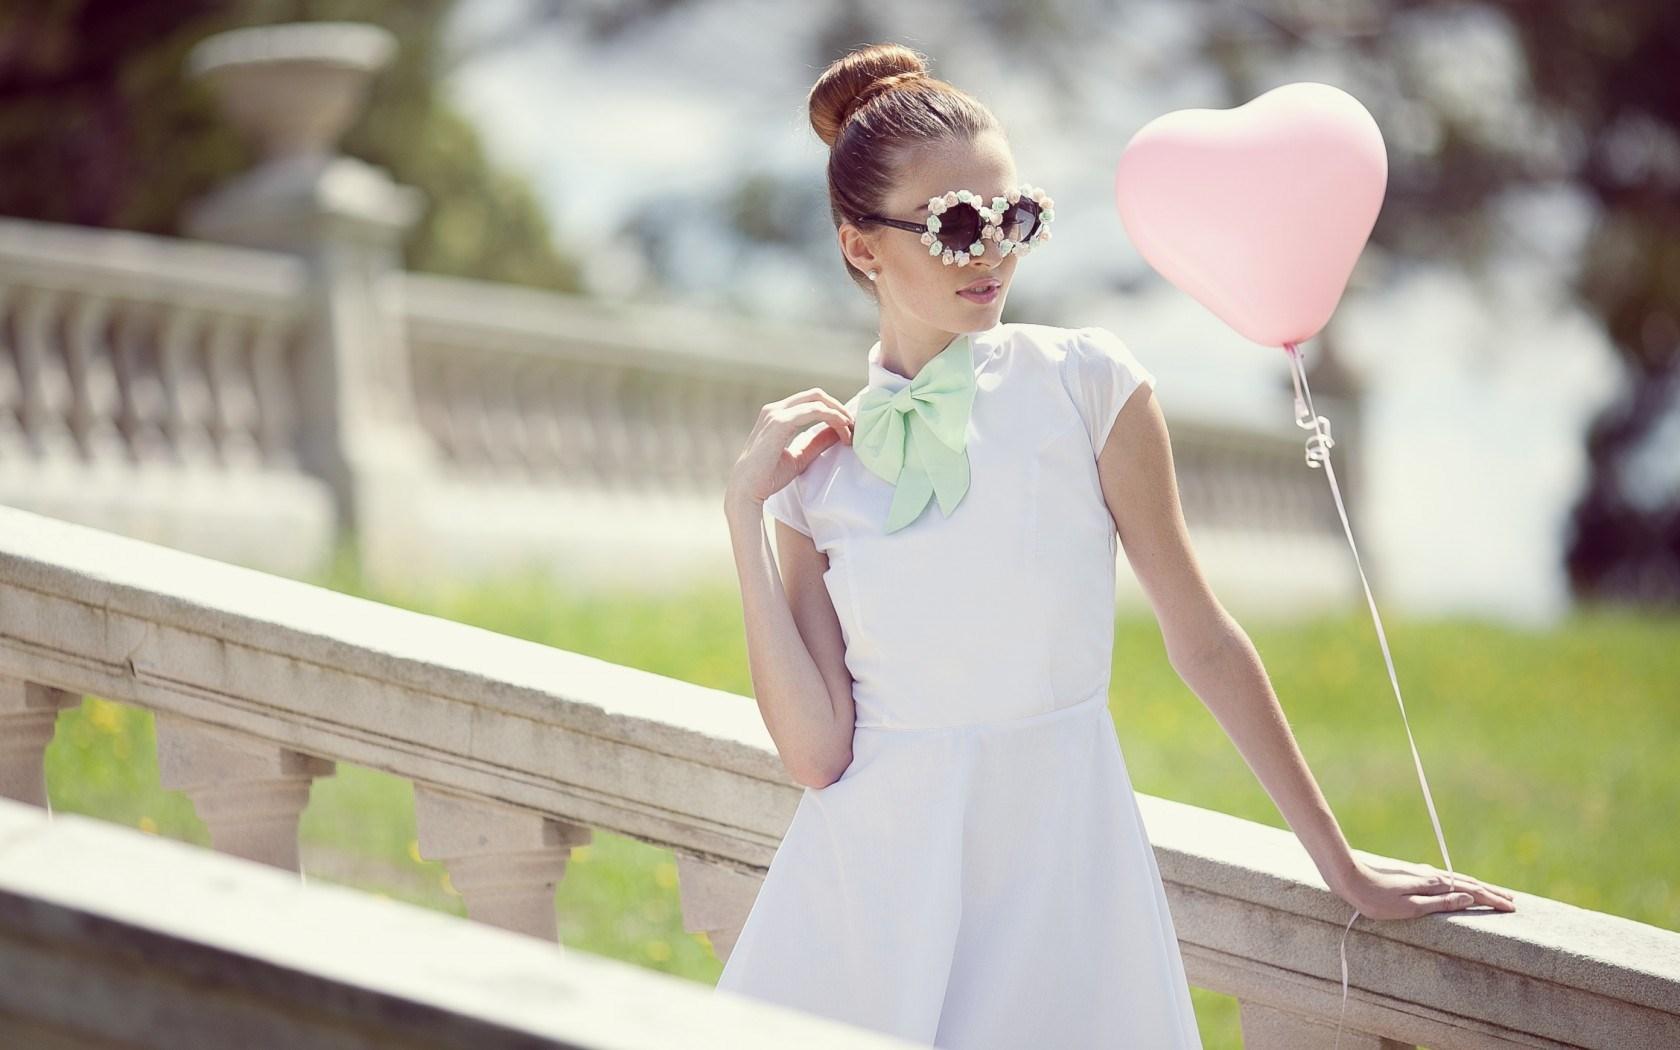 Girl Balloon Heart Glasses